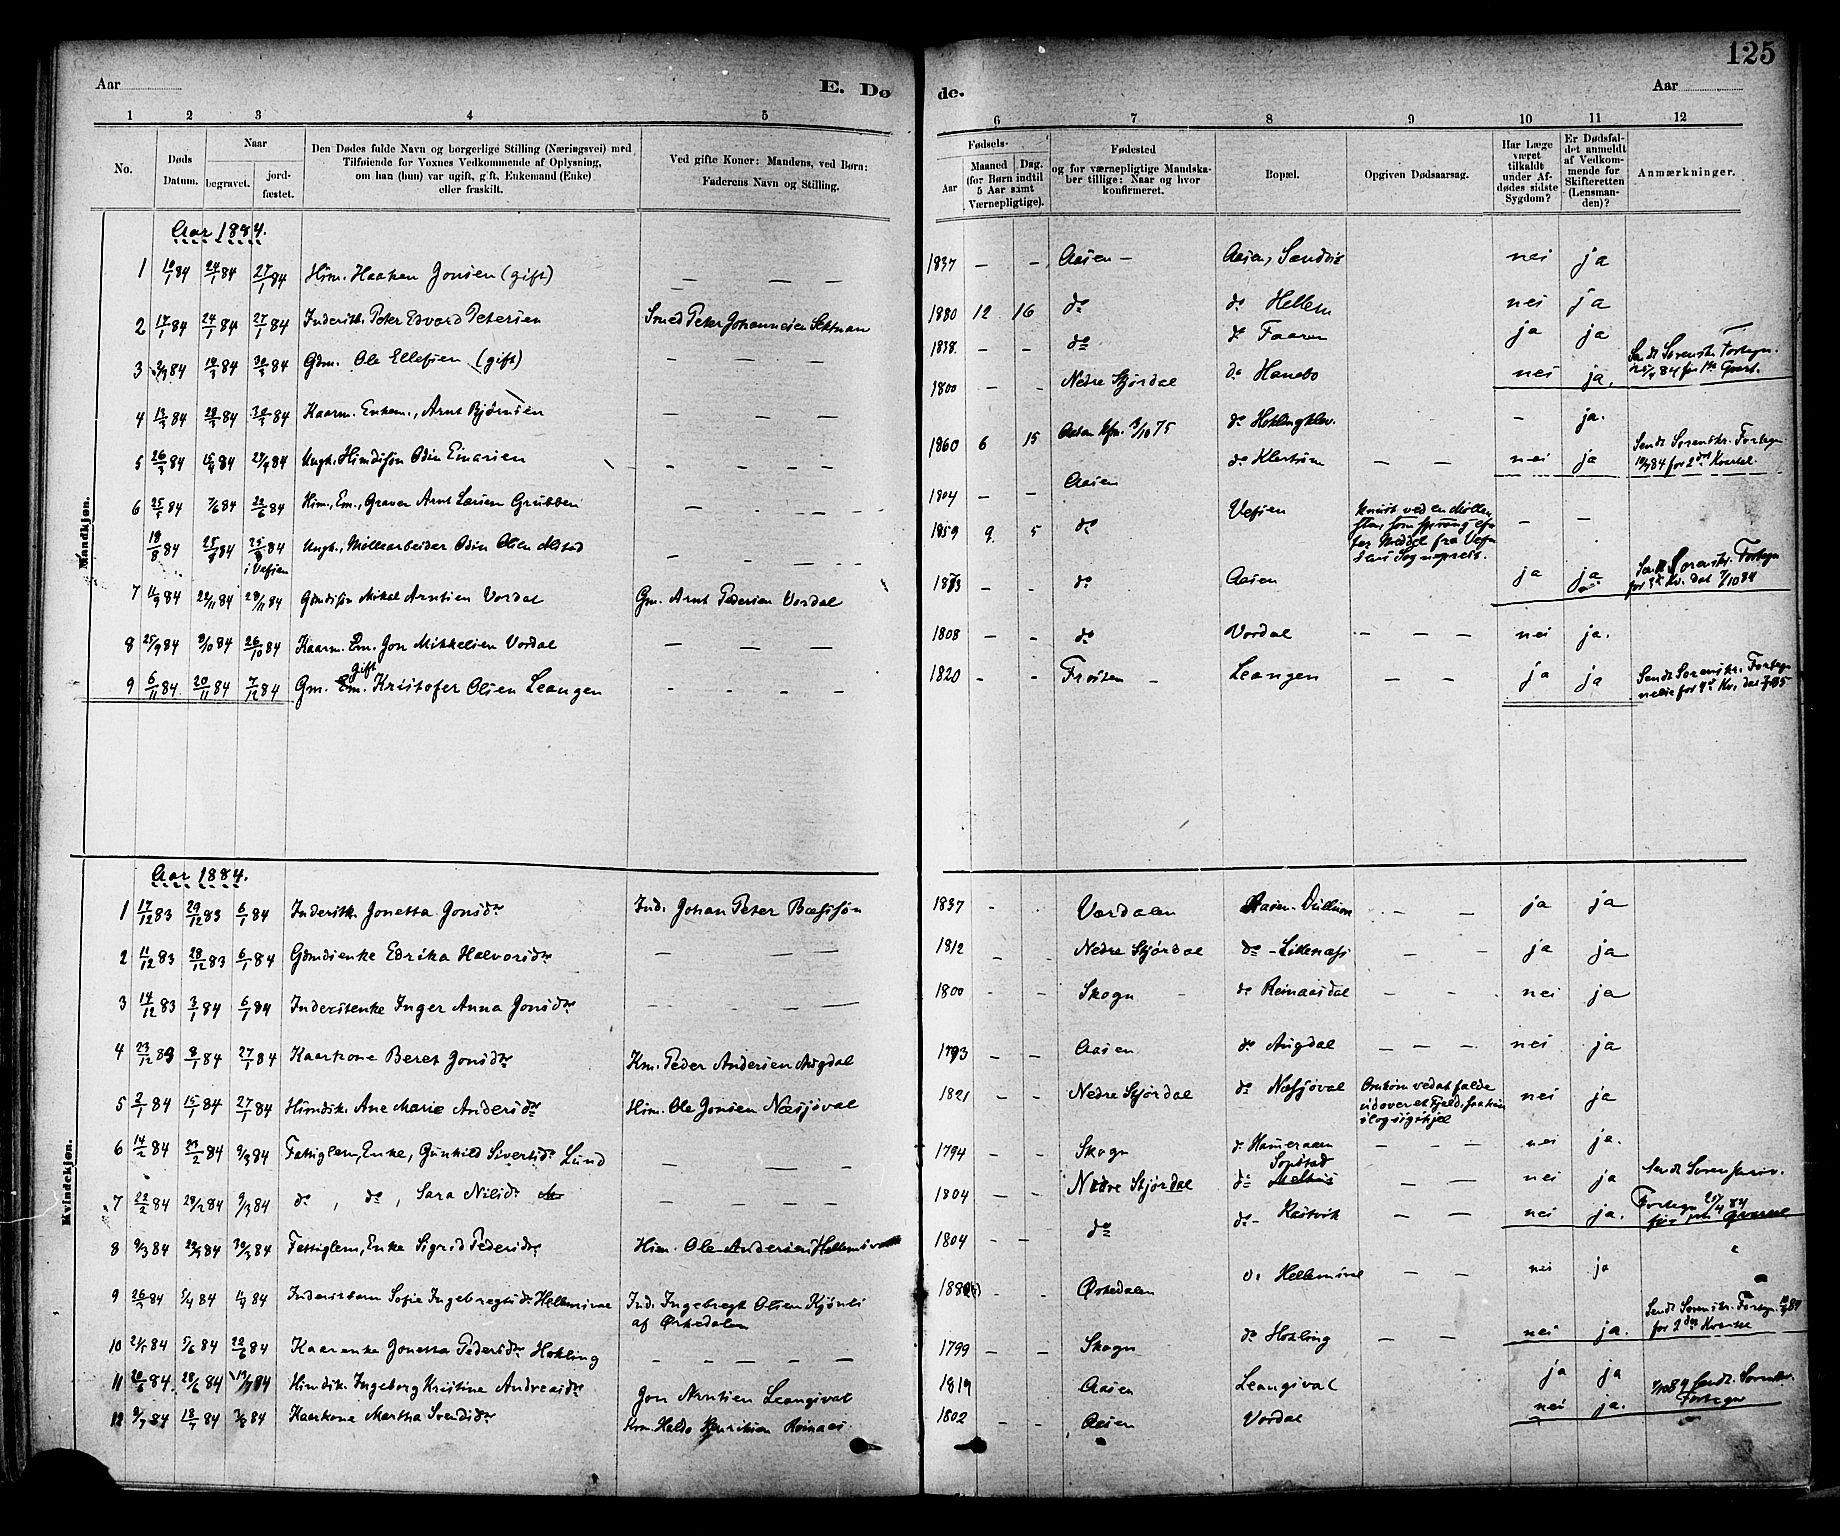 SAT, Ministerialprotokoller, klokkerbøker og fødselsregistre - Nord-Trøndelag, 714/L0130: Ministerialbok nr. 714A01, 1878-1895, s. 125